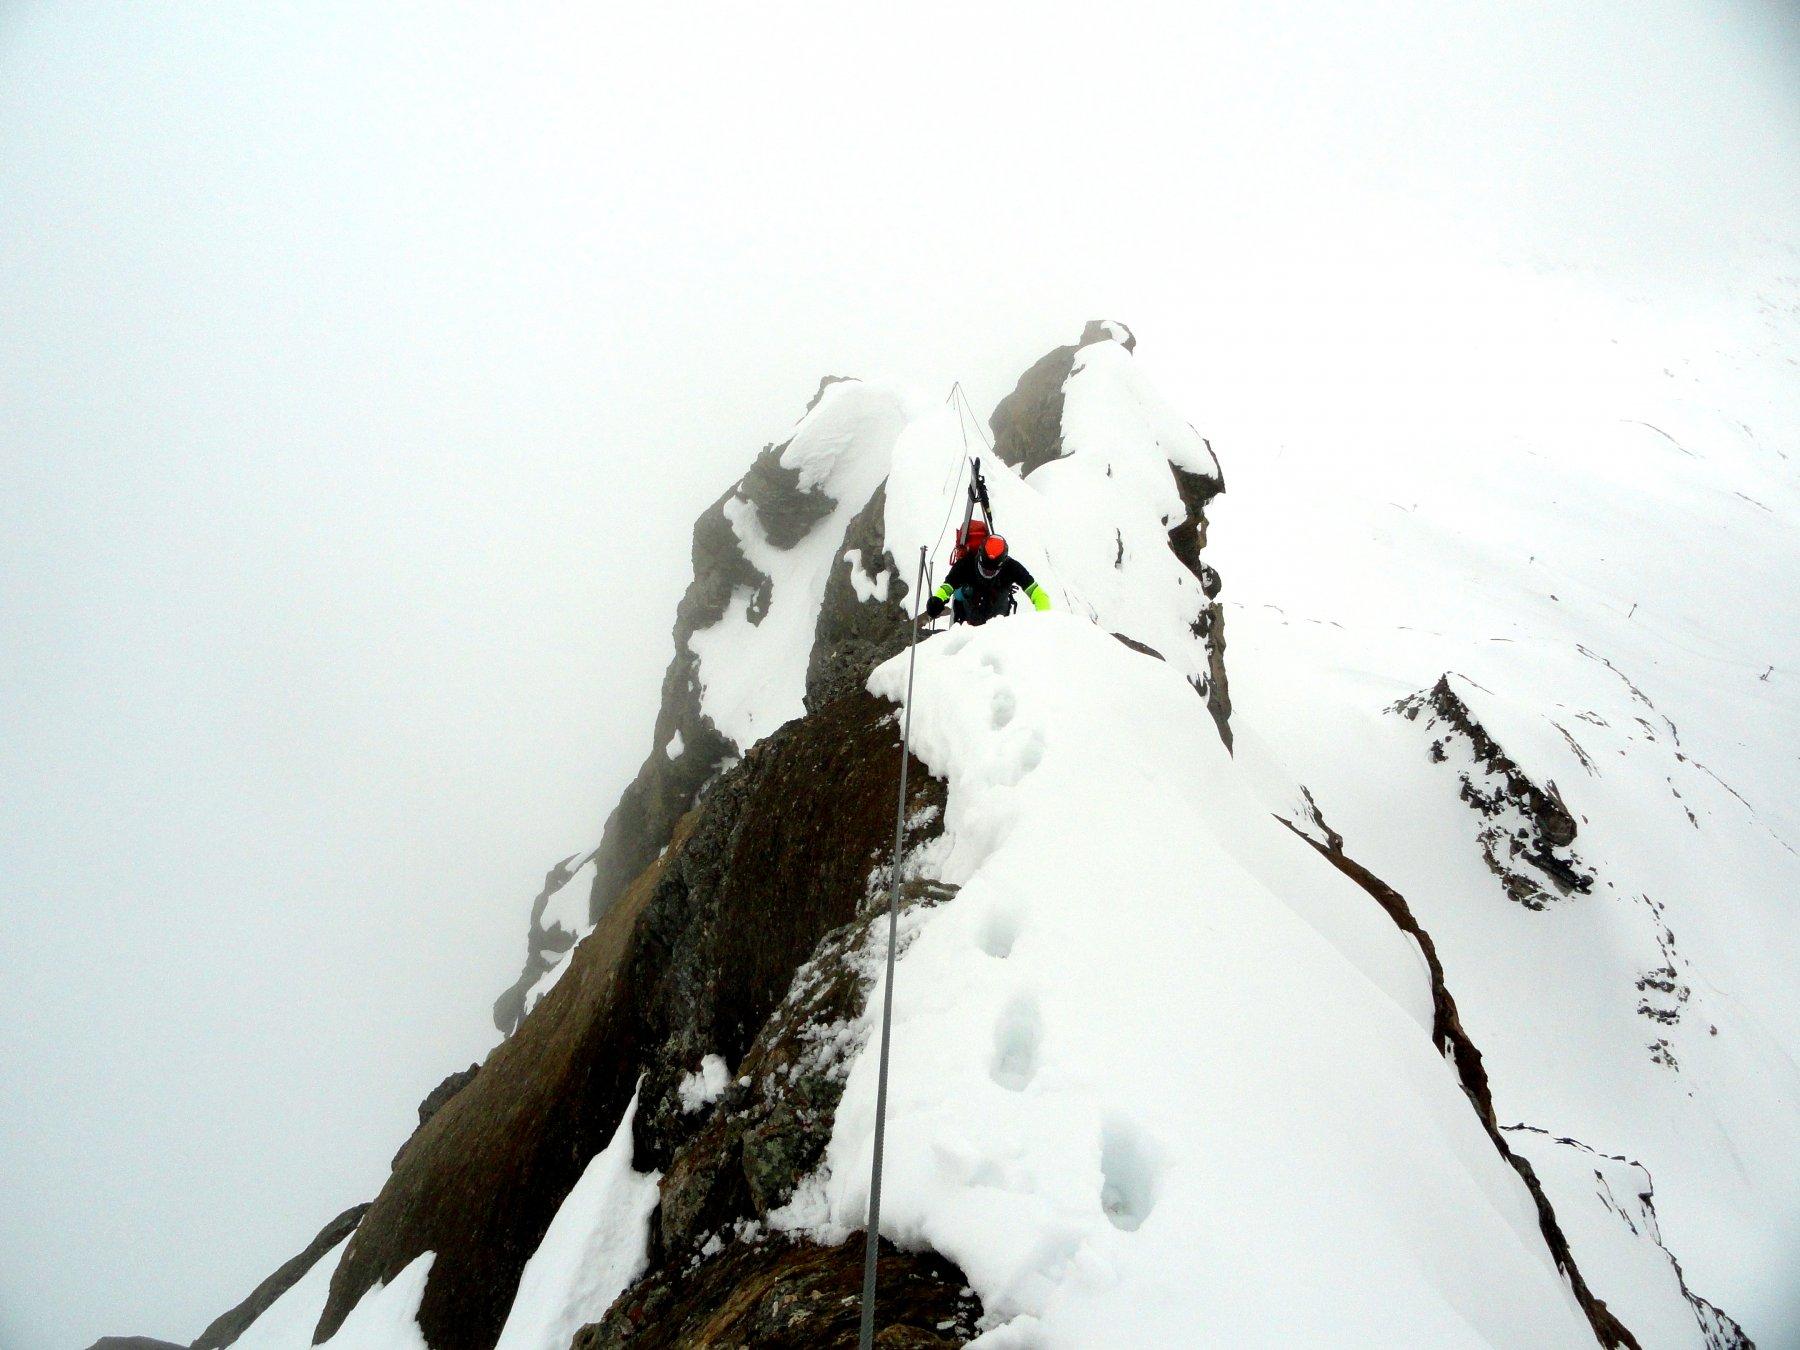 Furggen (Cima di) o Tete de la Forclaz Traversata della Cresta da Plateau Rosa 2019-05-27